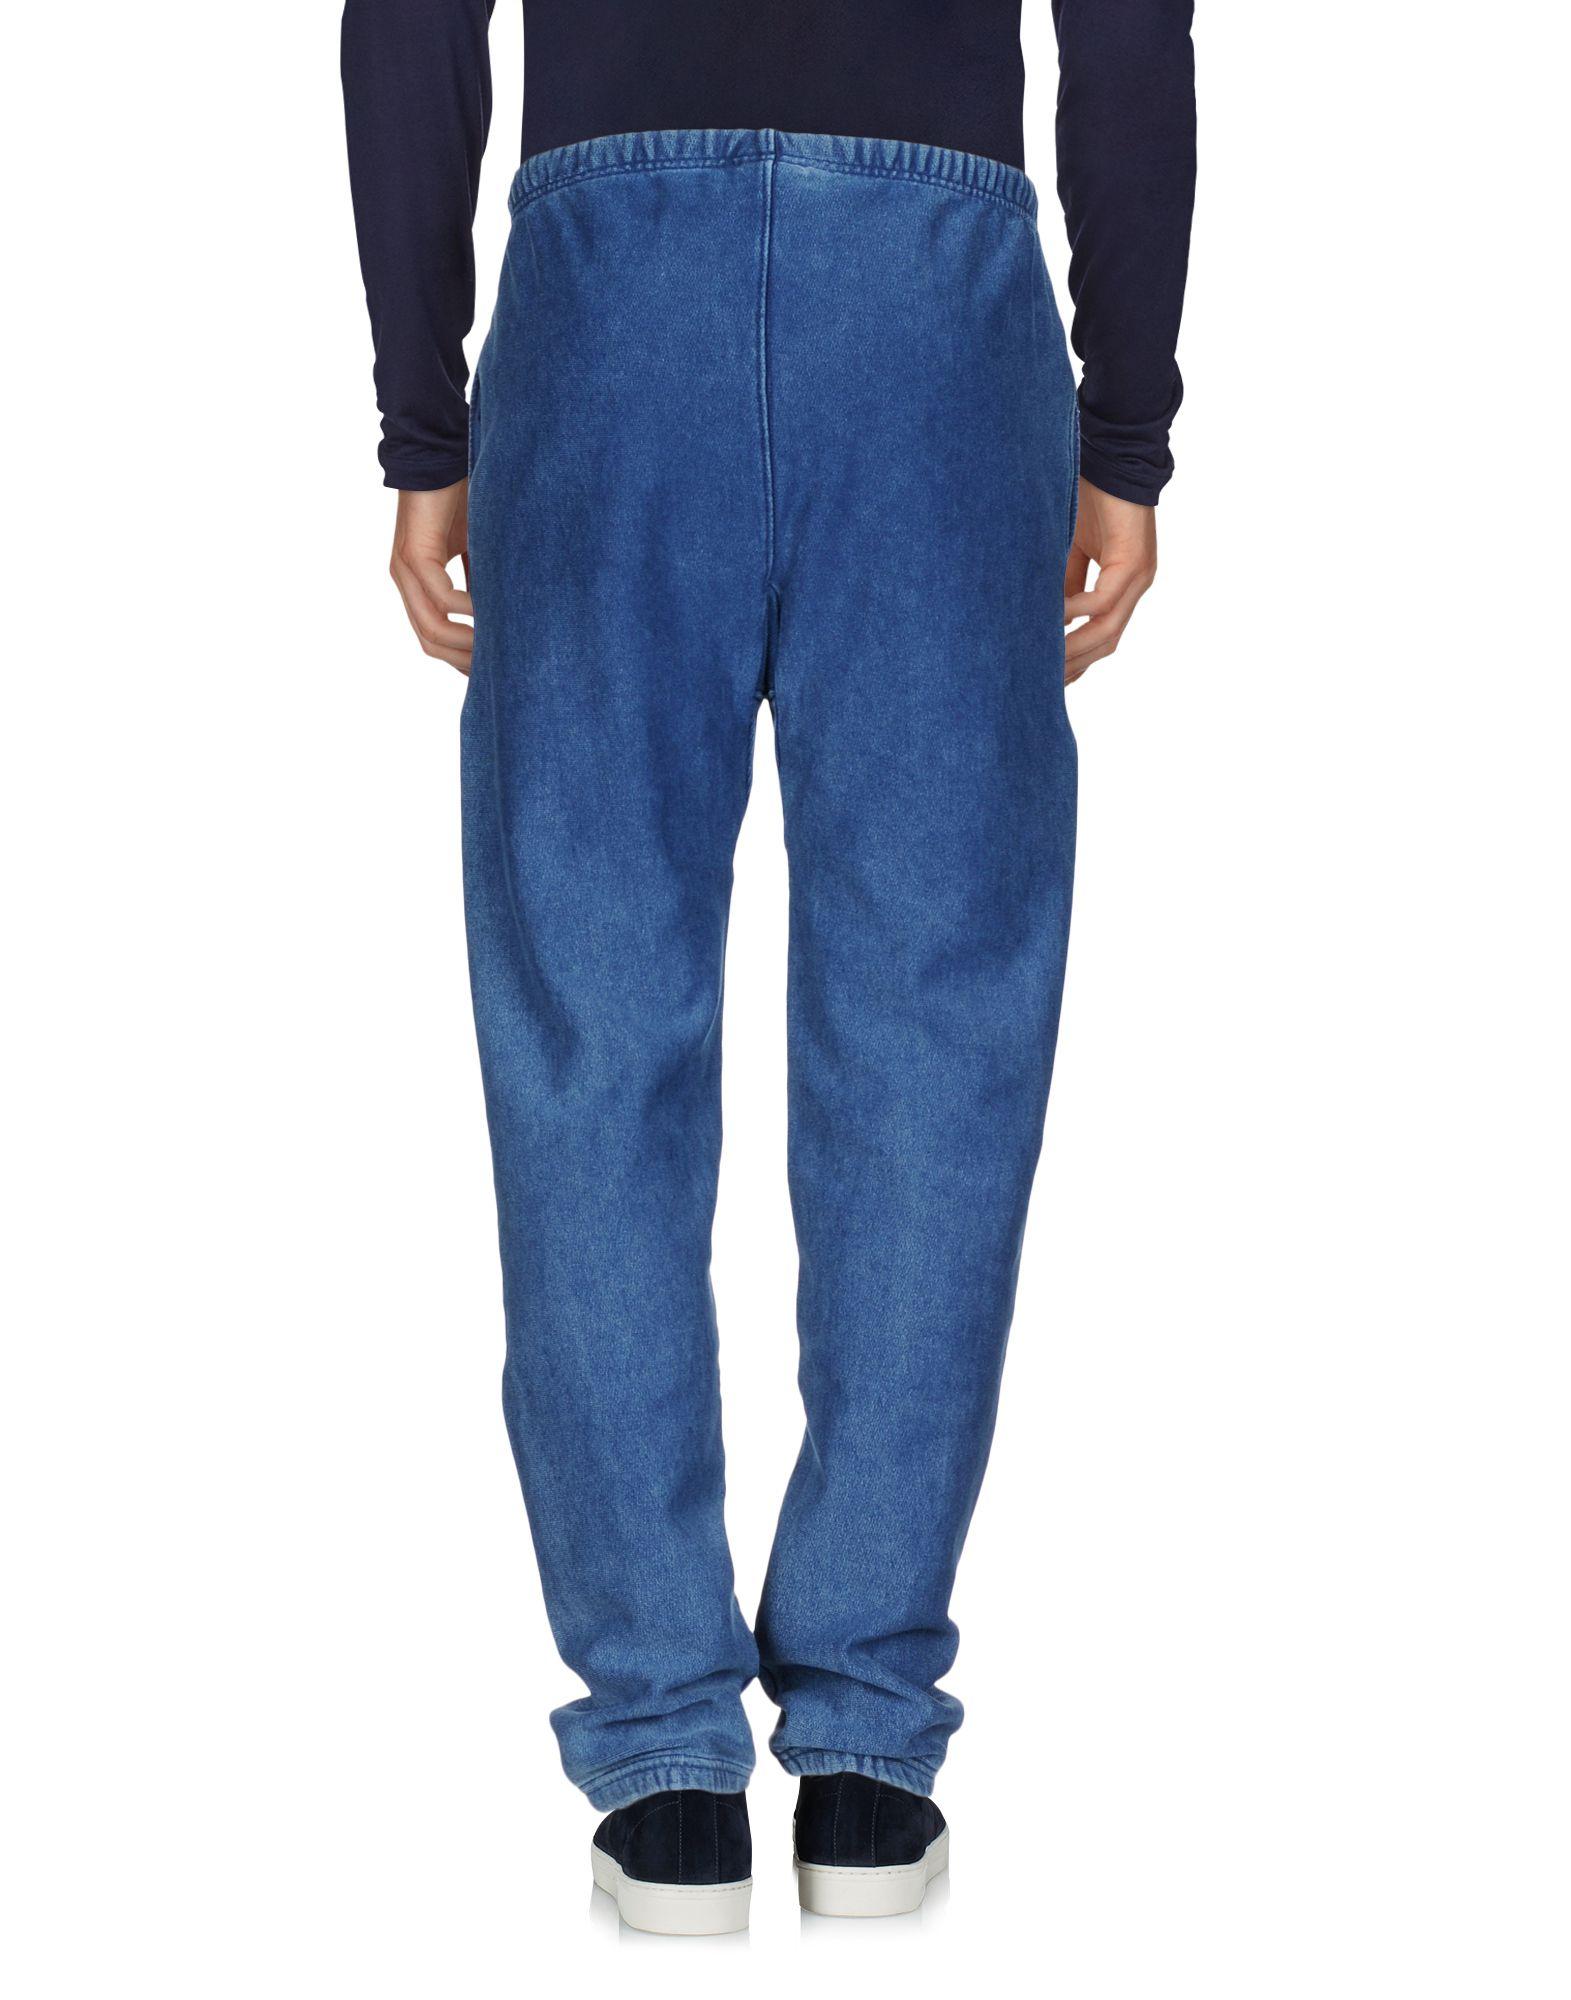 Pantaloni Jeans - Champion Uomo - Jeans 42674961DG 057136